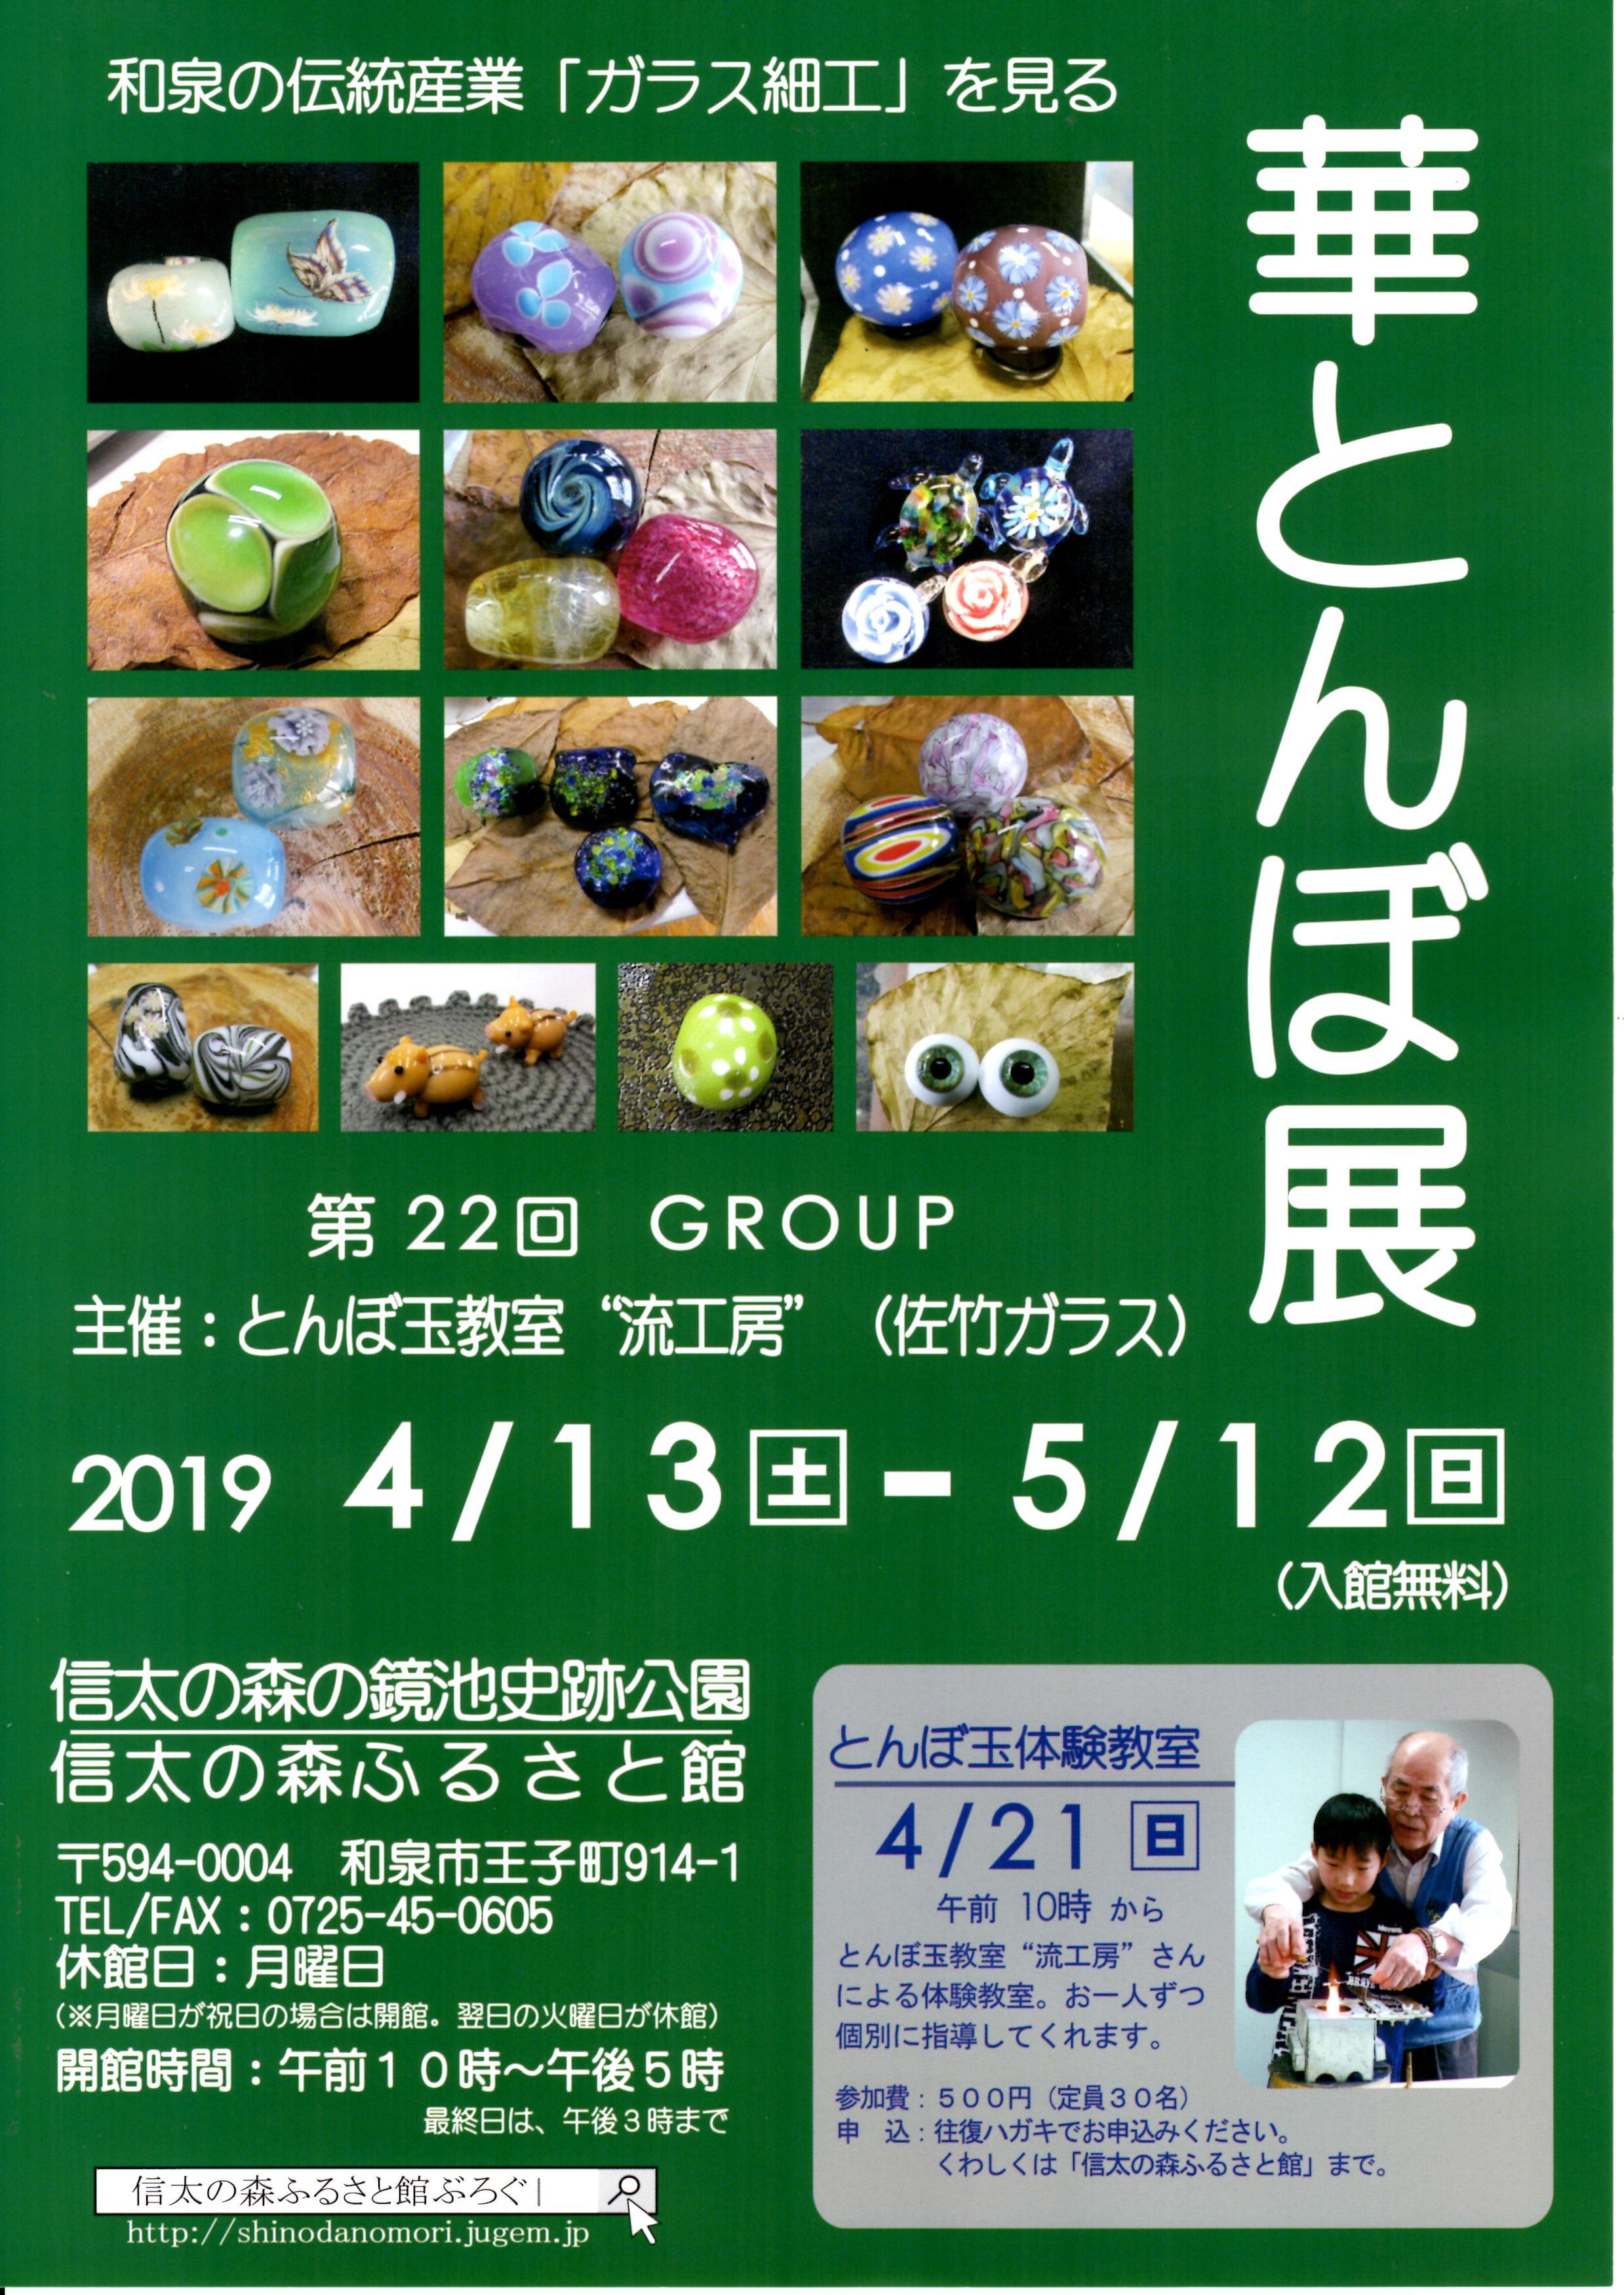 【終了】2019/4/13(土)~5/12(日) 信太の森ふるさと館 華とんぼ展